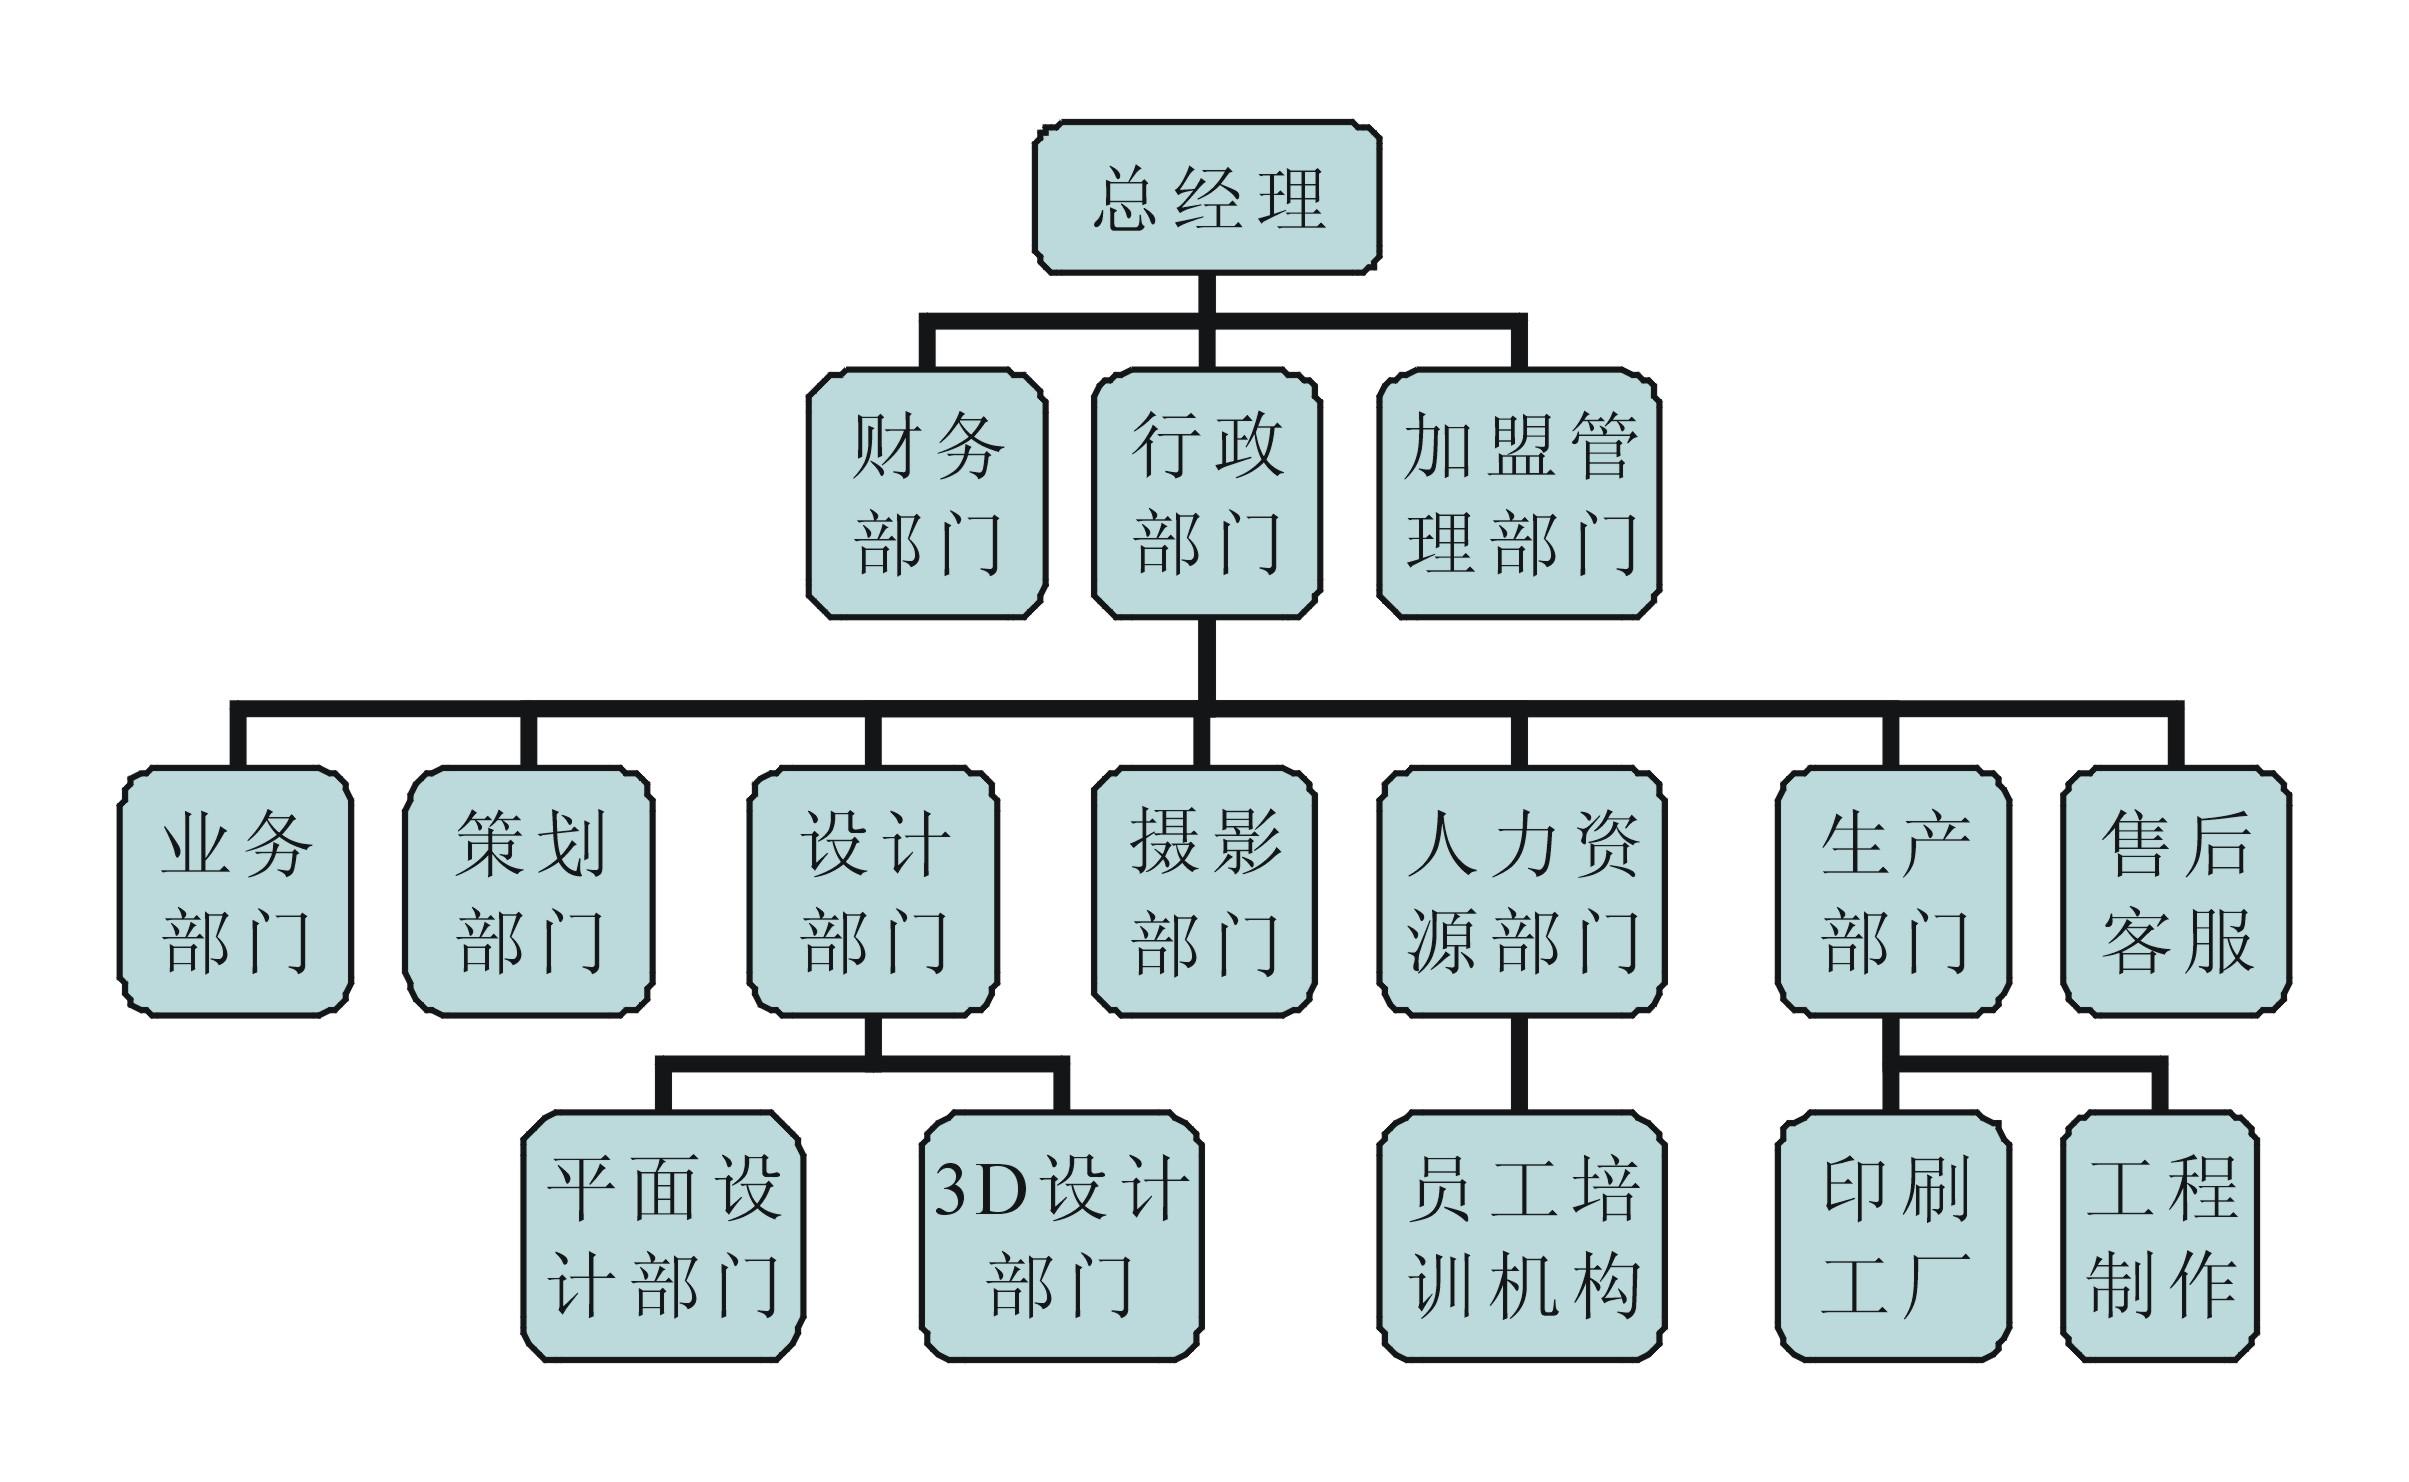 组织结构图_潮州市雅彩广告设计有限公司